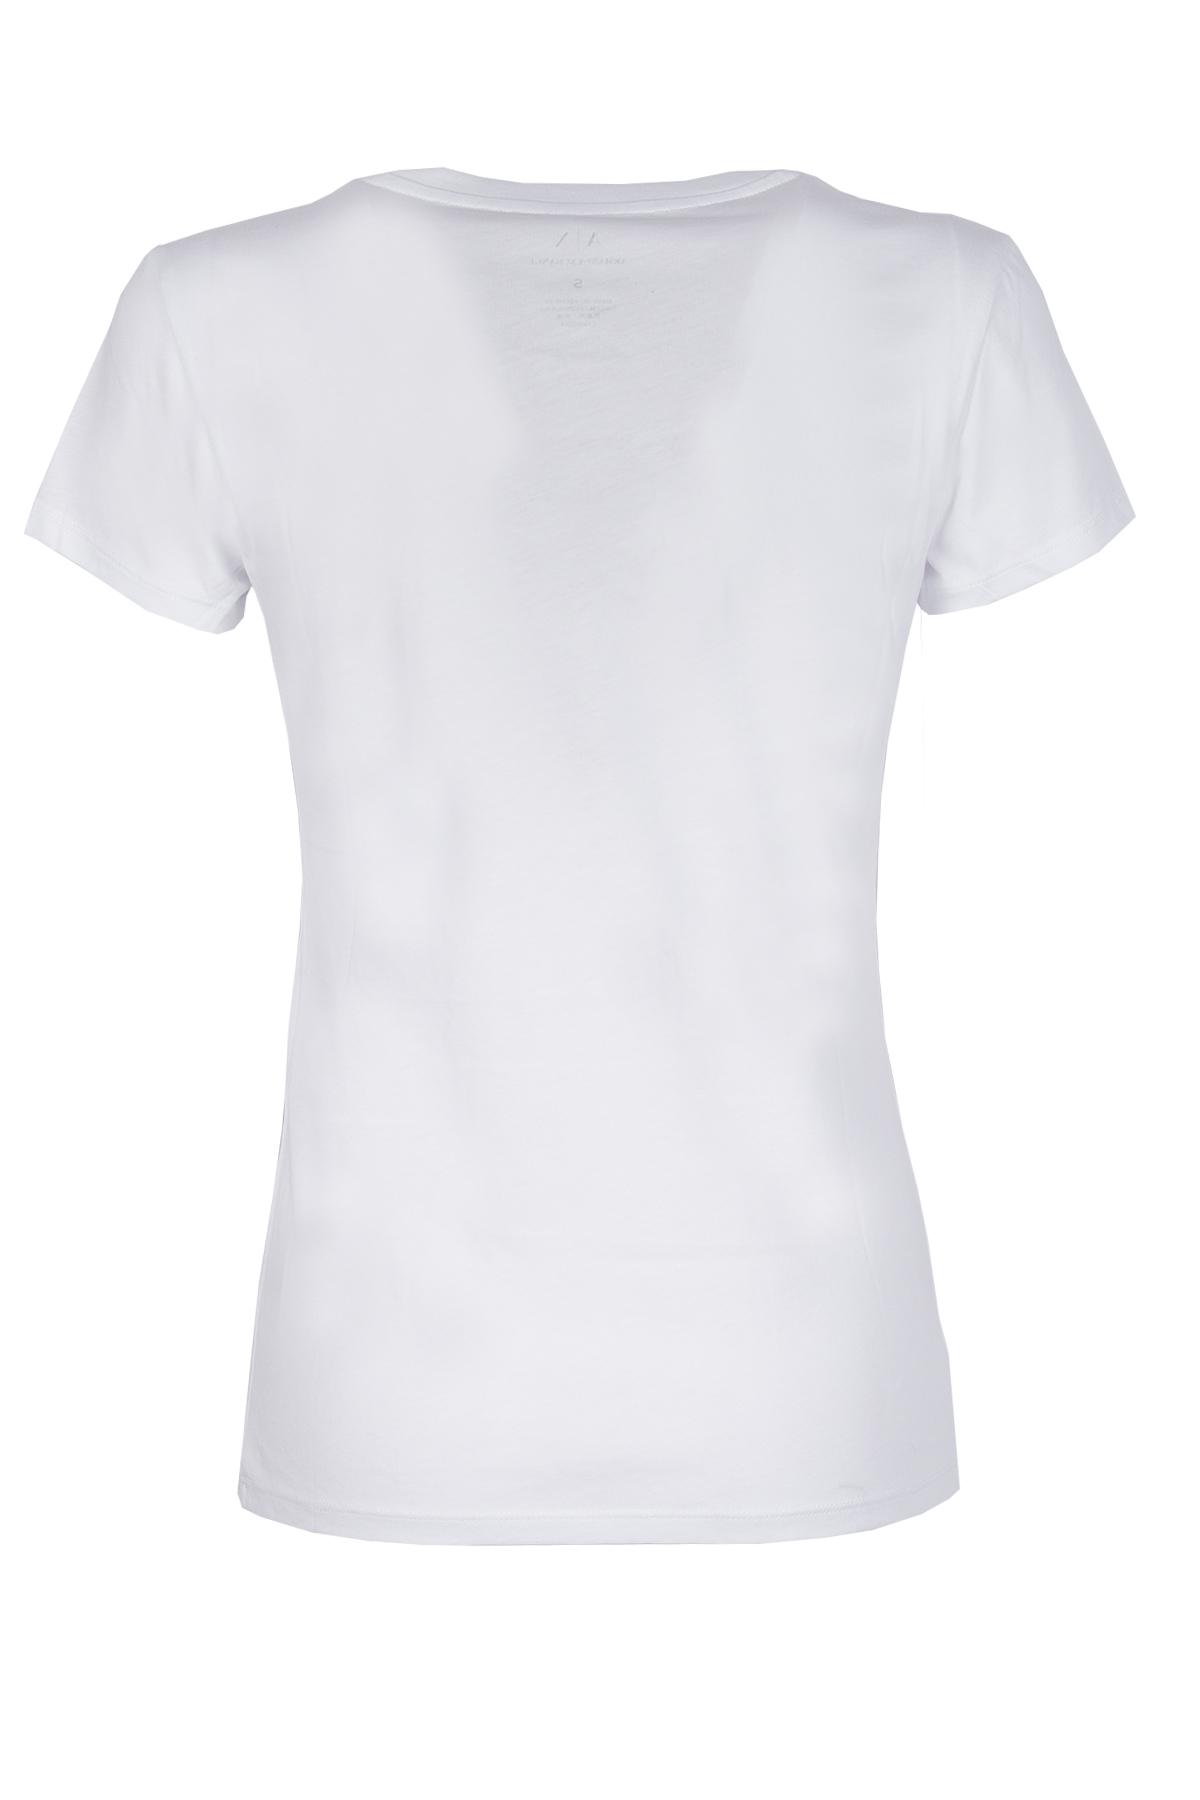 T-SHIRT CON LOGO AX ARMANI EXCHANGE | T-shirt | 3ZYTAPYJA8Z1100WHITE